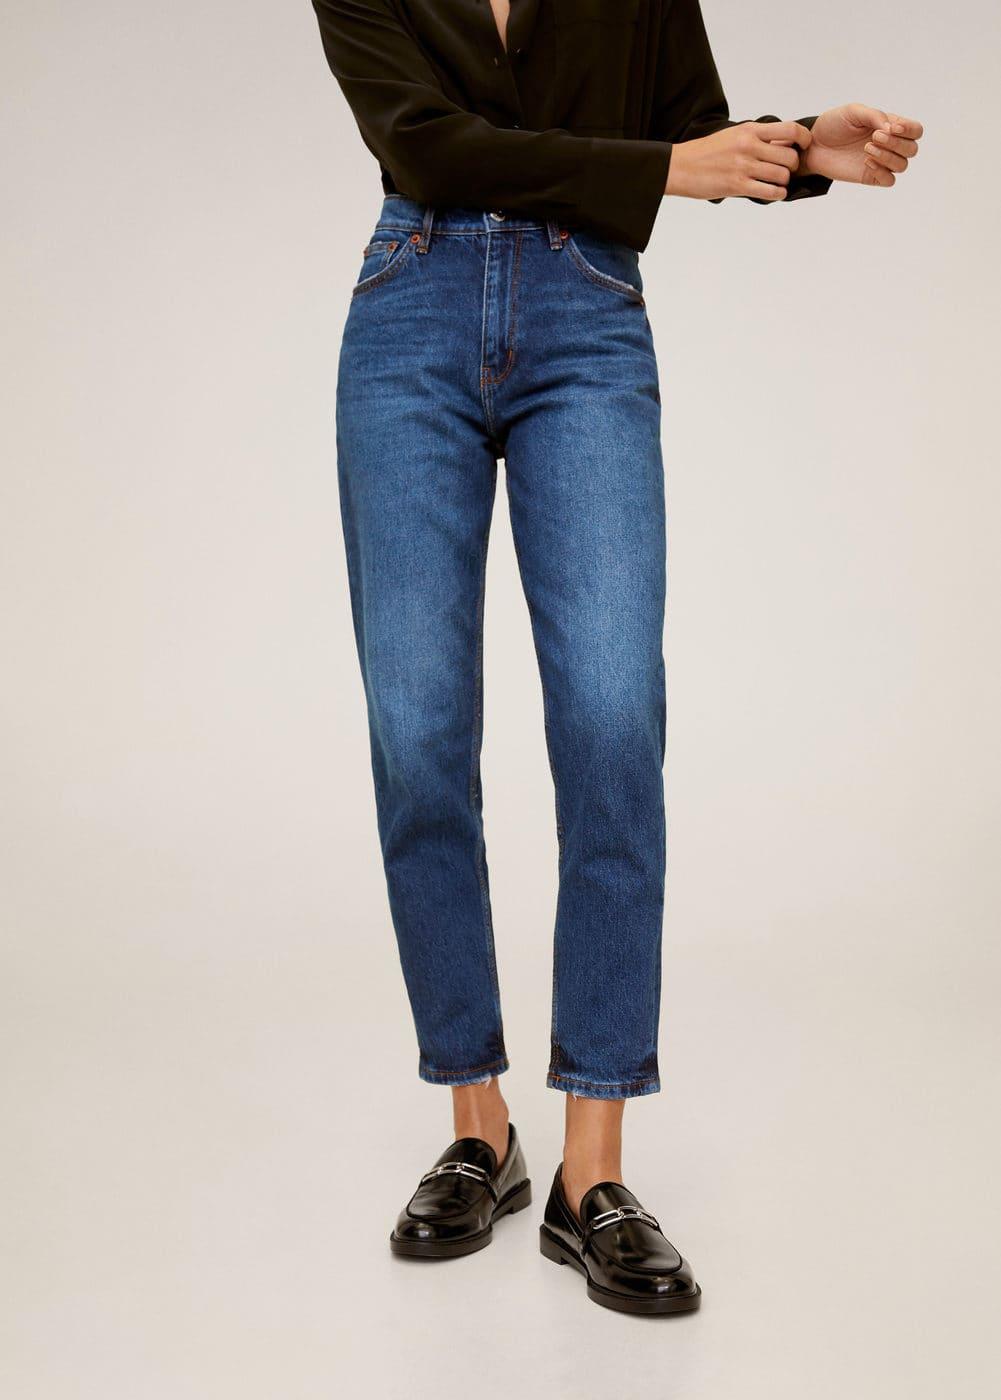 К джинсам какие ремни подходят фото отличный